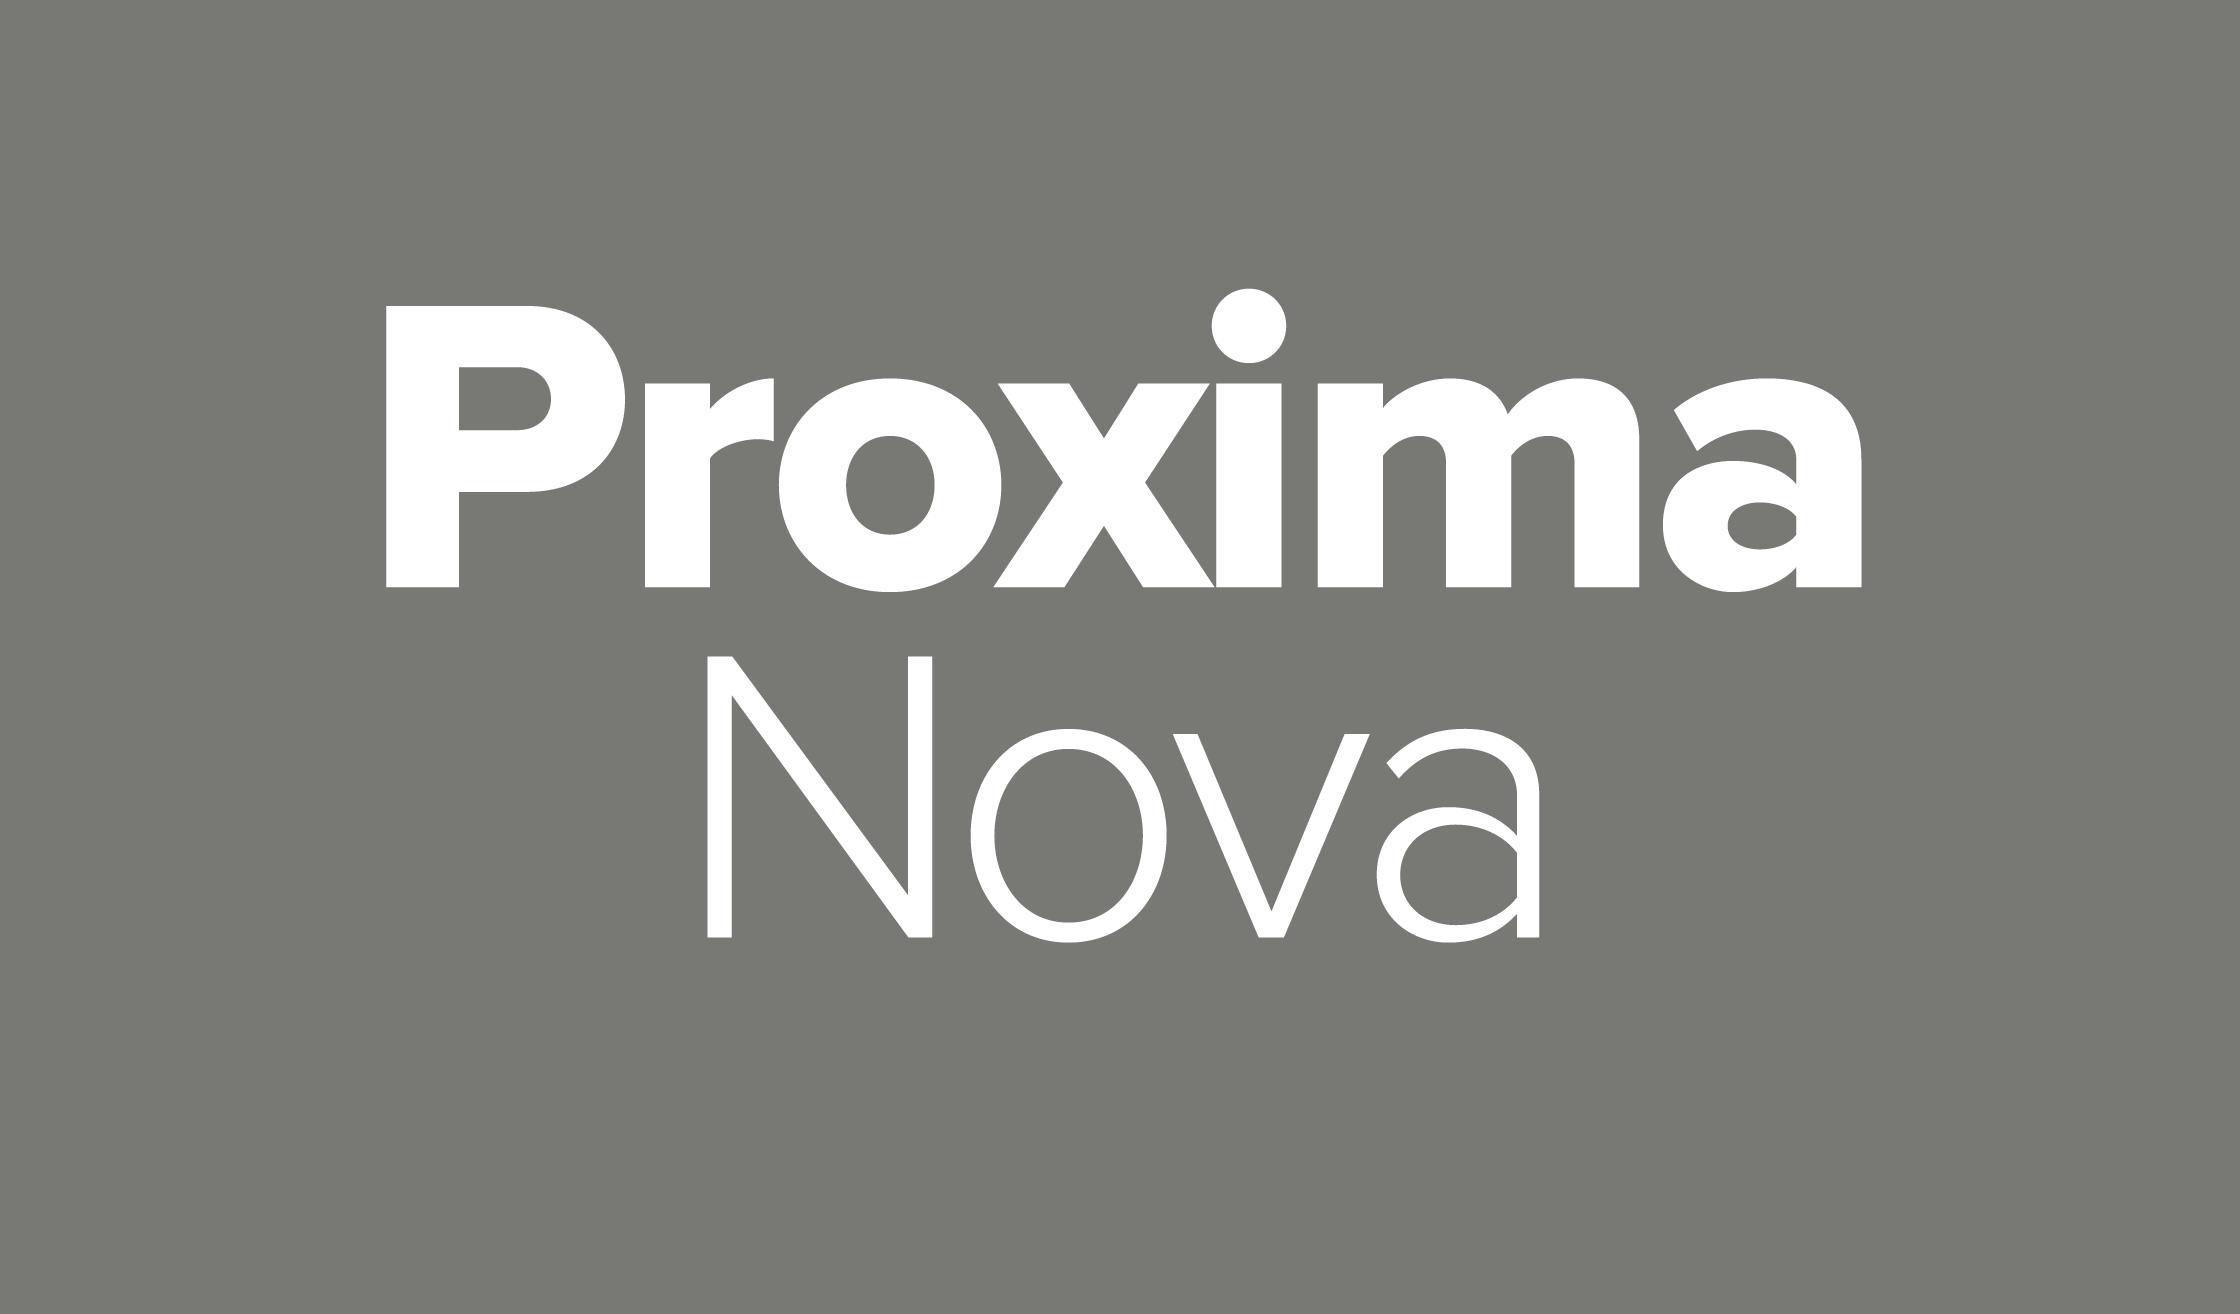 Proxima Nova Banner Name 2240